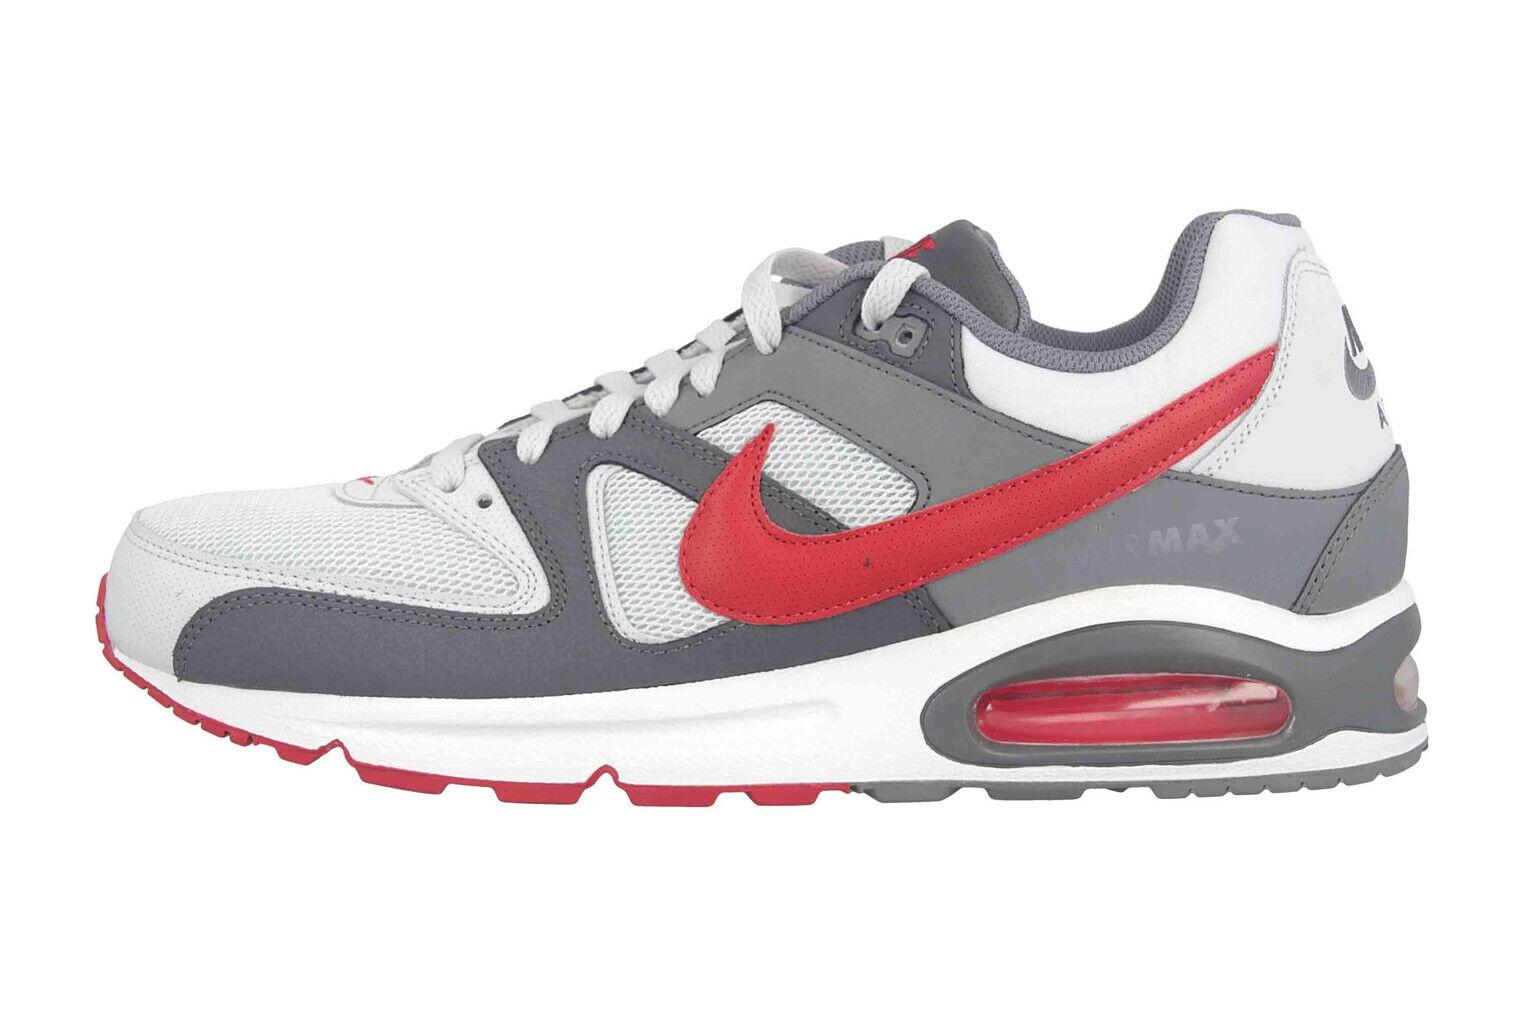 Nike Air Max Command Sportschuhe in Übergrößen Mehrfarbig 629993 049 große Herre